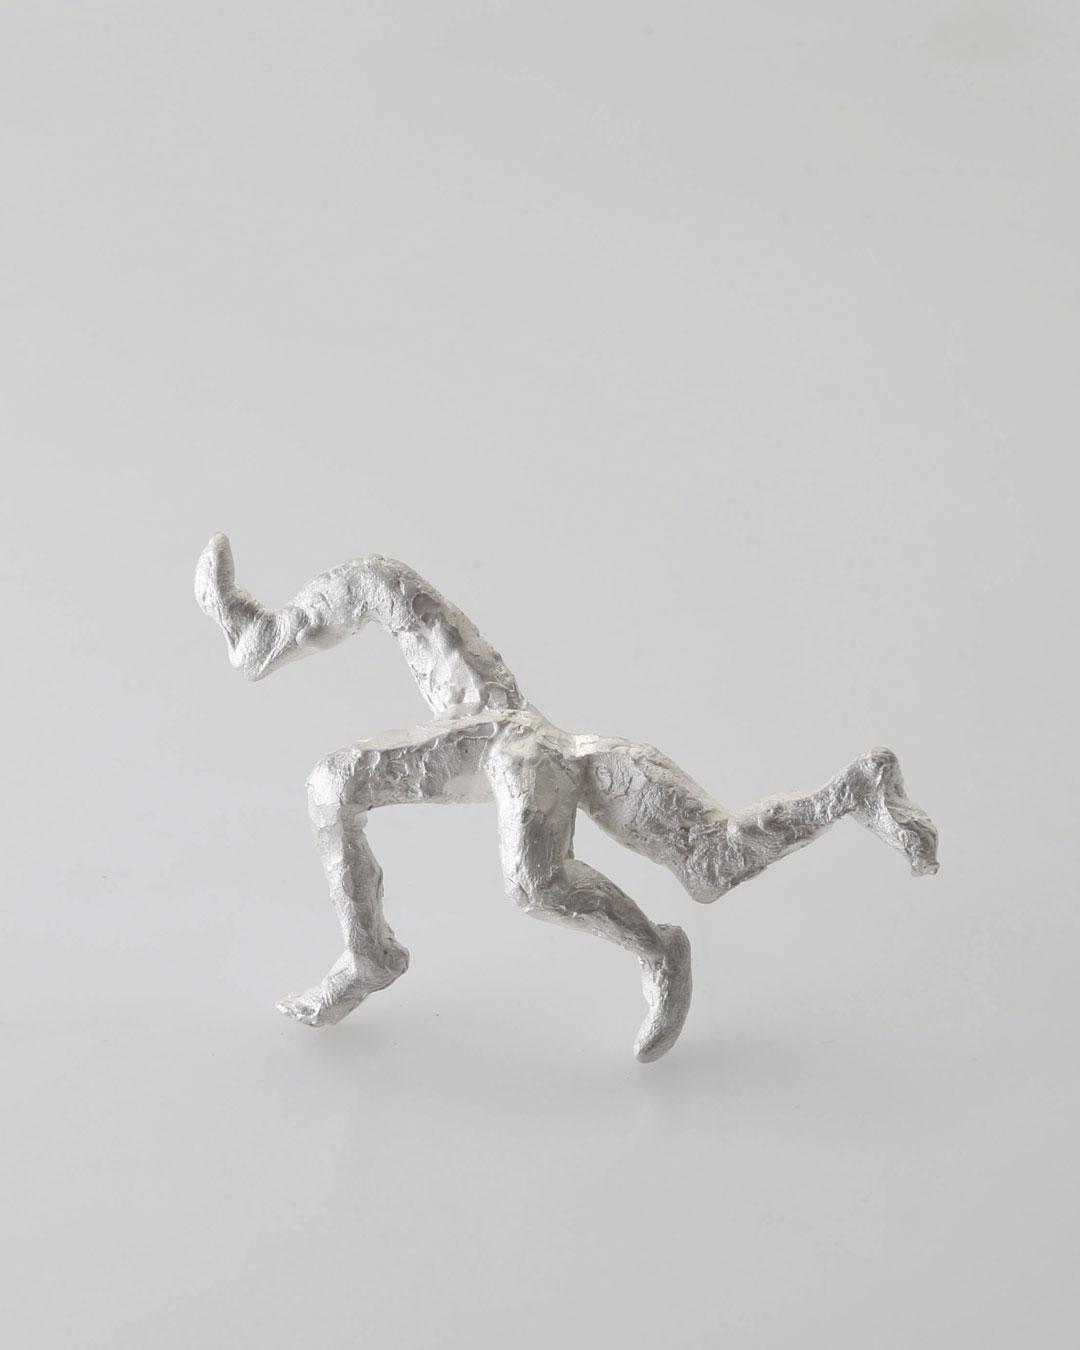 Juliane Brandes, Der Club, 2015, broche; zilver, 75 x 40 mm, €1460